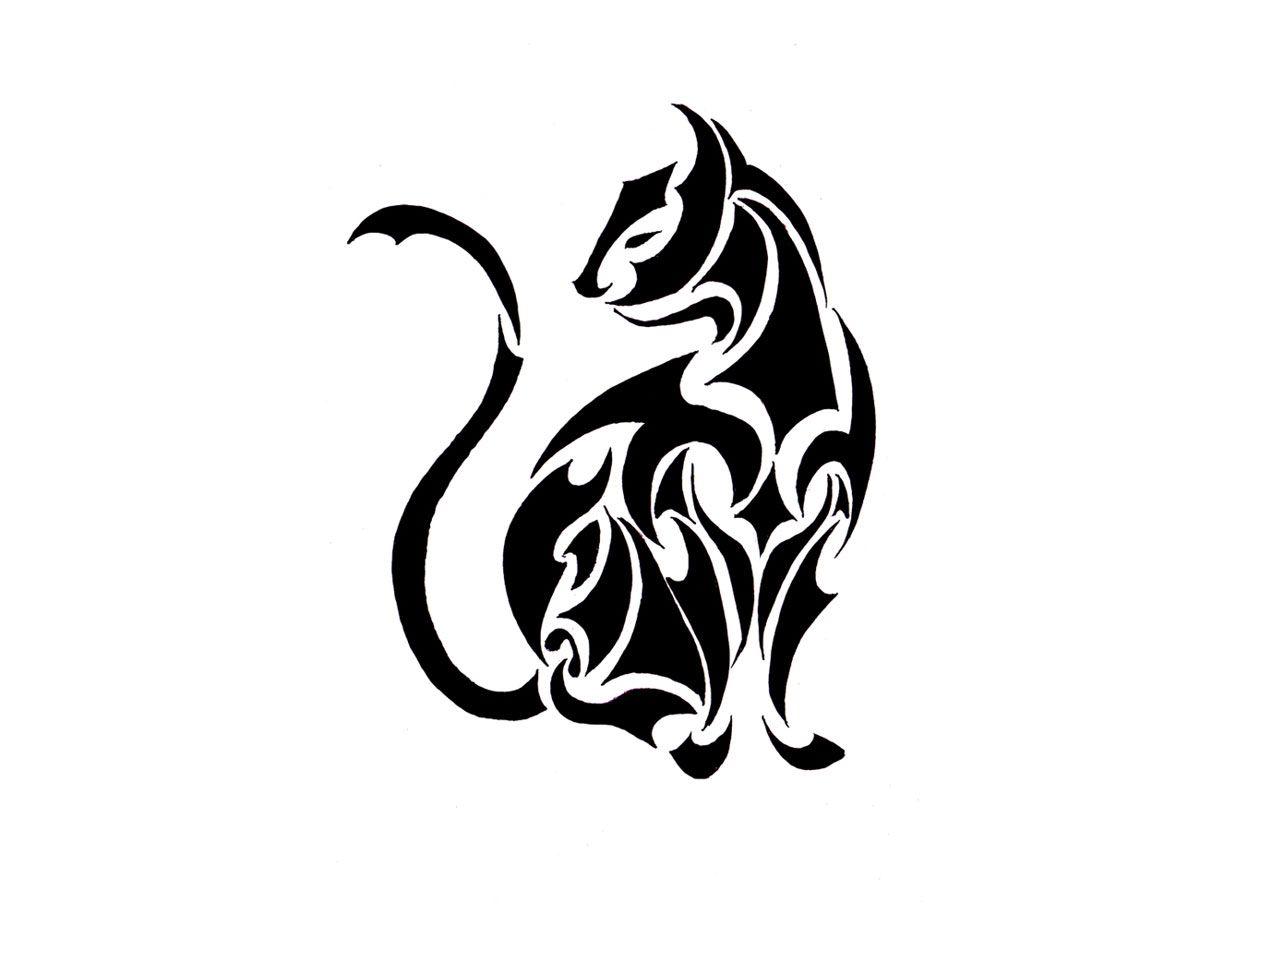 Tribal Cat Tattoo Design | Tatouage chat, Tatouage polinesien, Modele tatouage